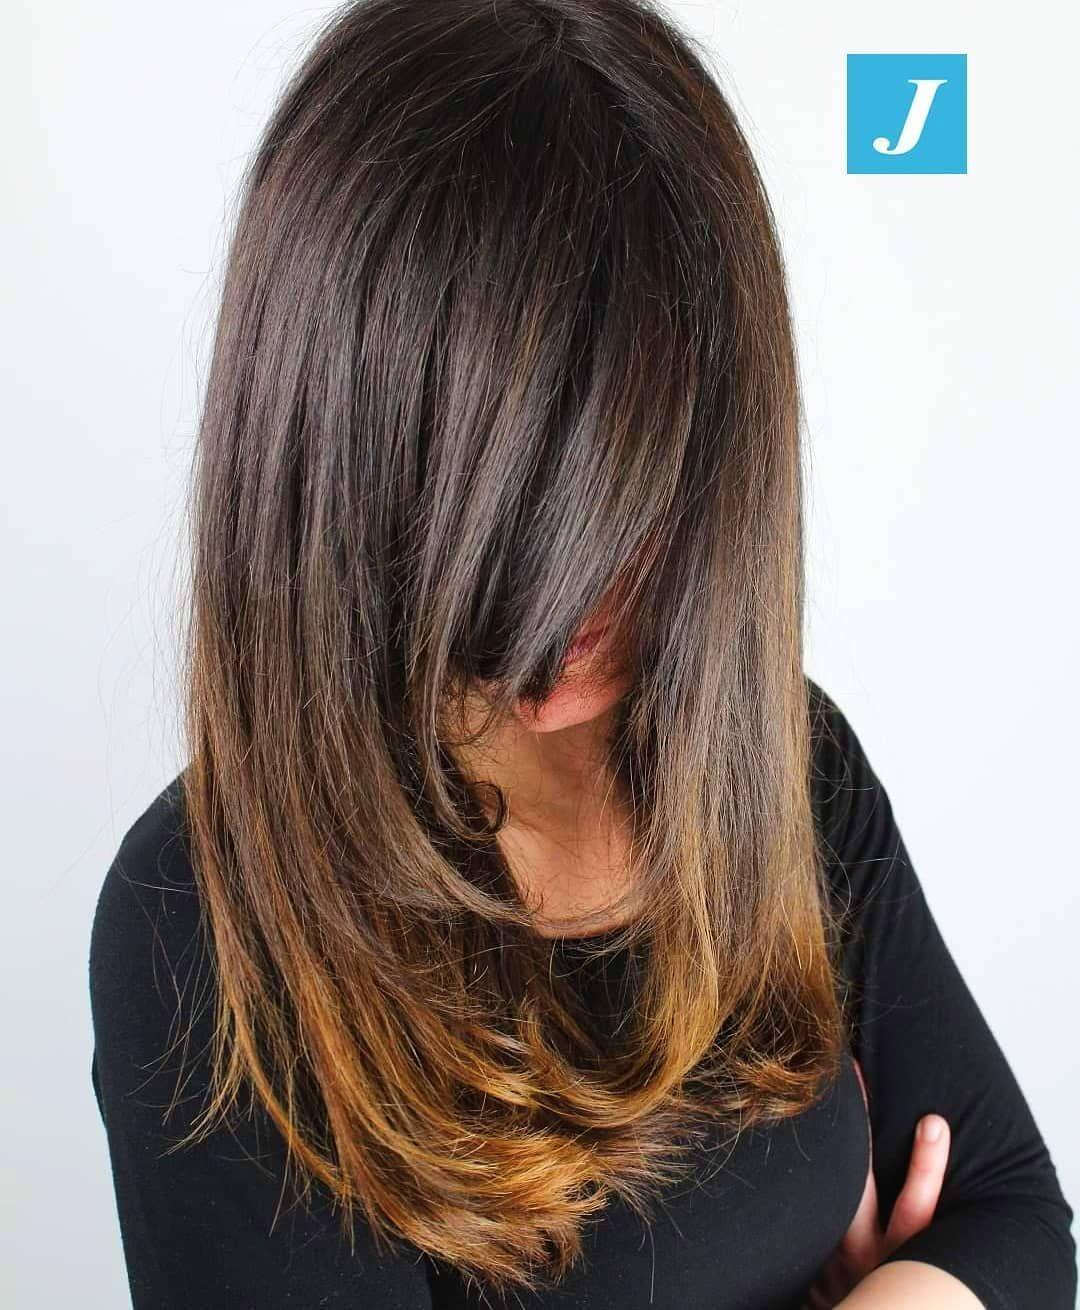 Hair Modelle Von Centro Degrade Joelle Matera Fuhle Dich Gottlich In Deinem Dicken Und Glanzenden Haar Instahair Hairpo Glanzendes Haar Haare Schonheit